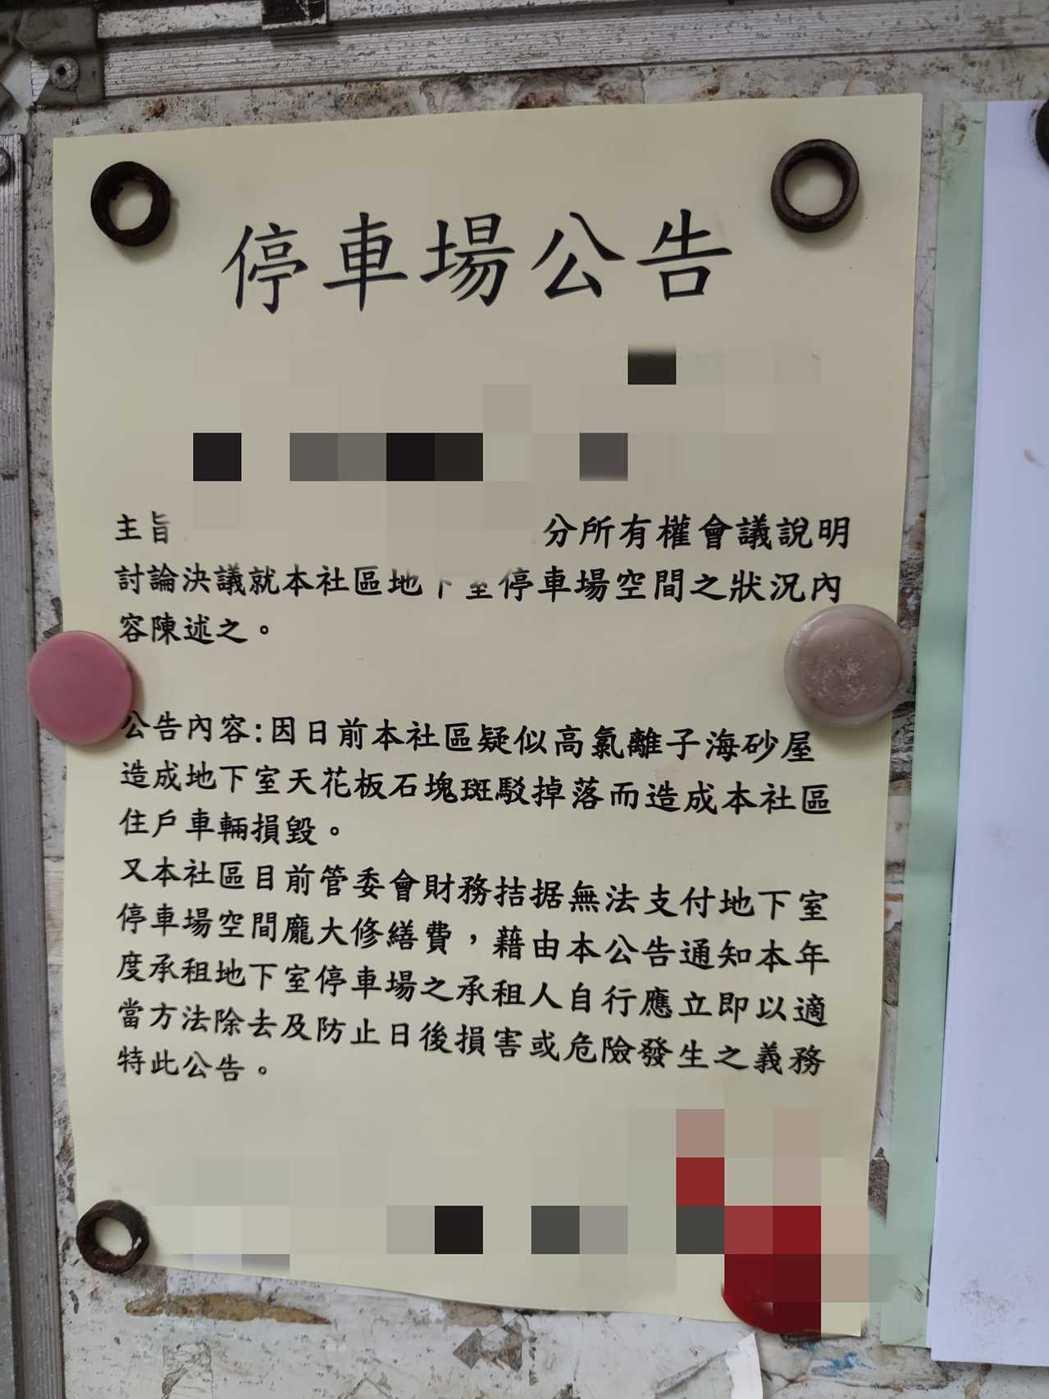 有網友看房時發現一處社區貼出一張「疑似氯離子過高」的公告,讓他擔心有可能是海砂屋...